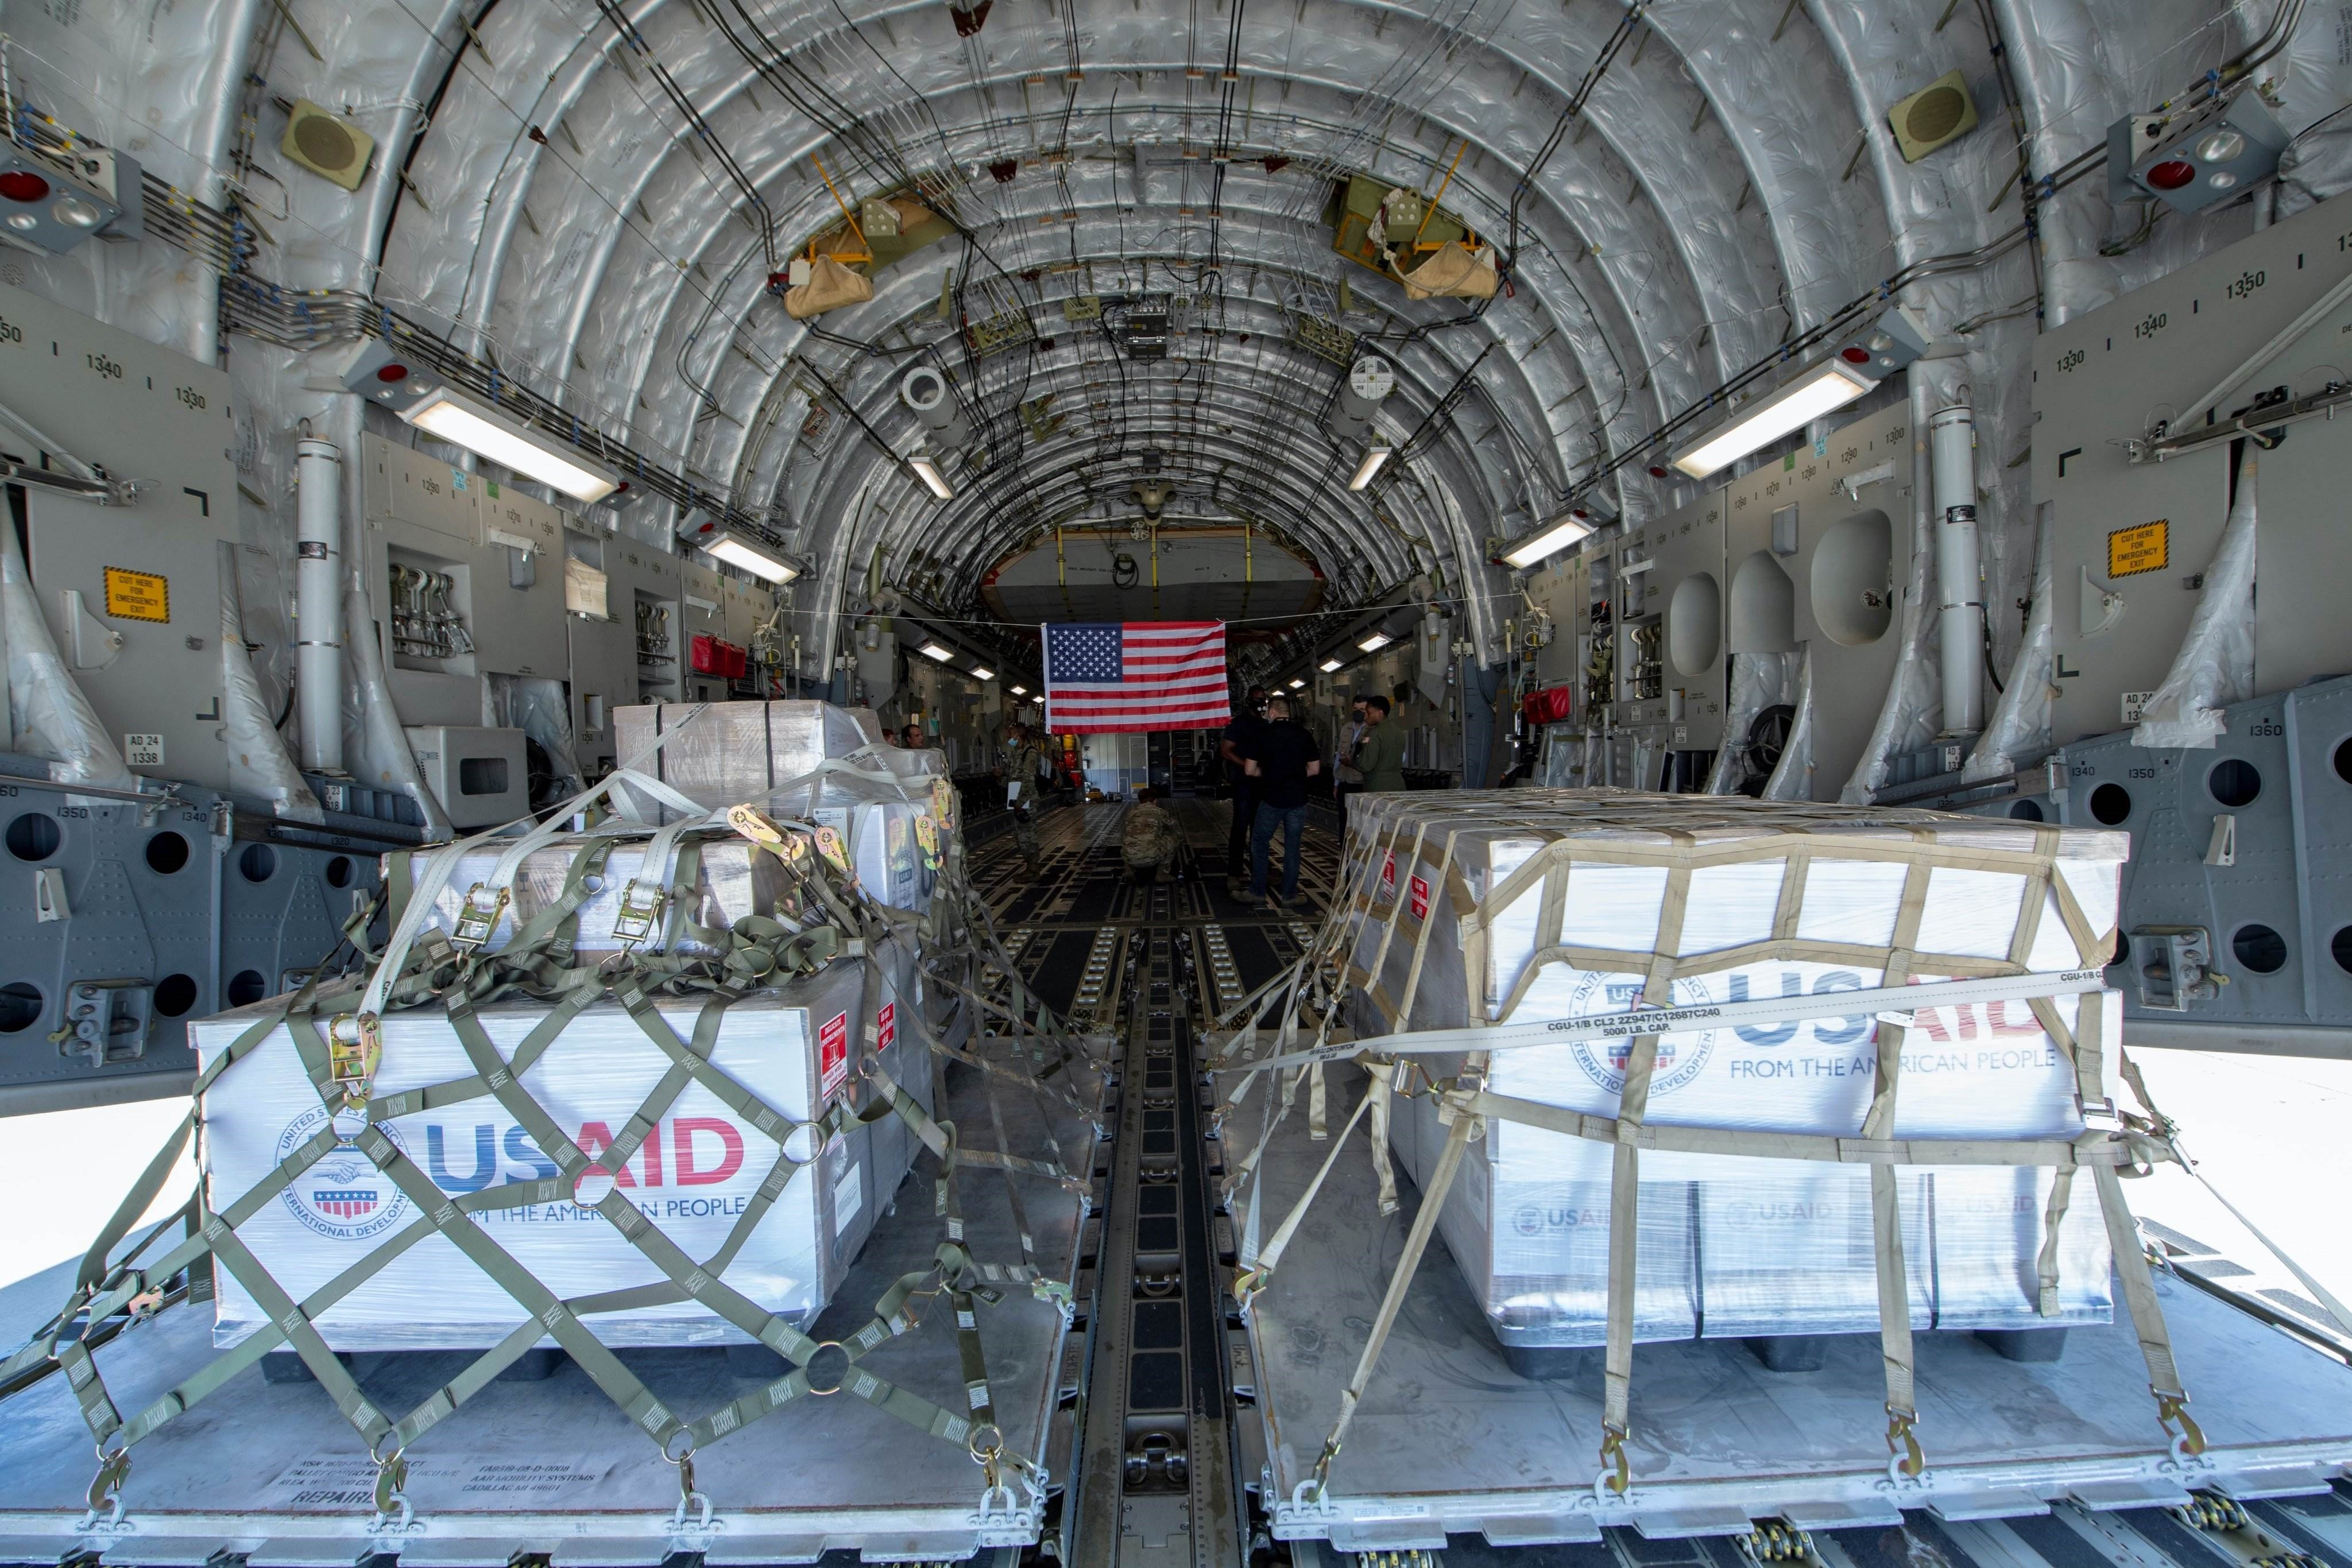 الولايات المتحدة تتبرع بـ200 جهاز للتنفس لروسيا رداً على مساعداتها